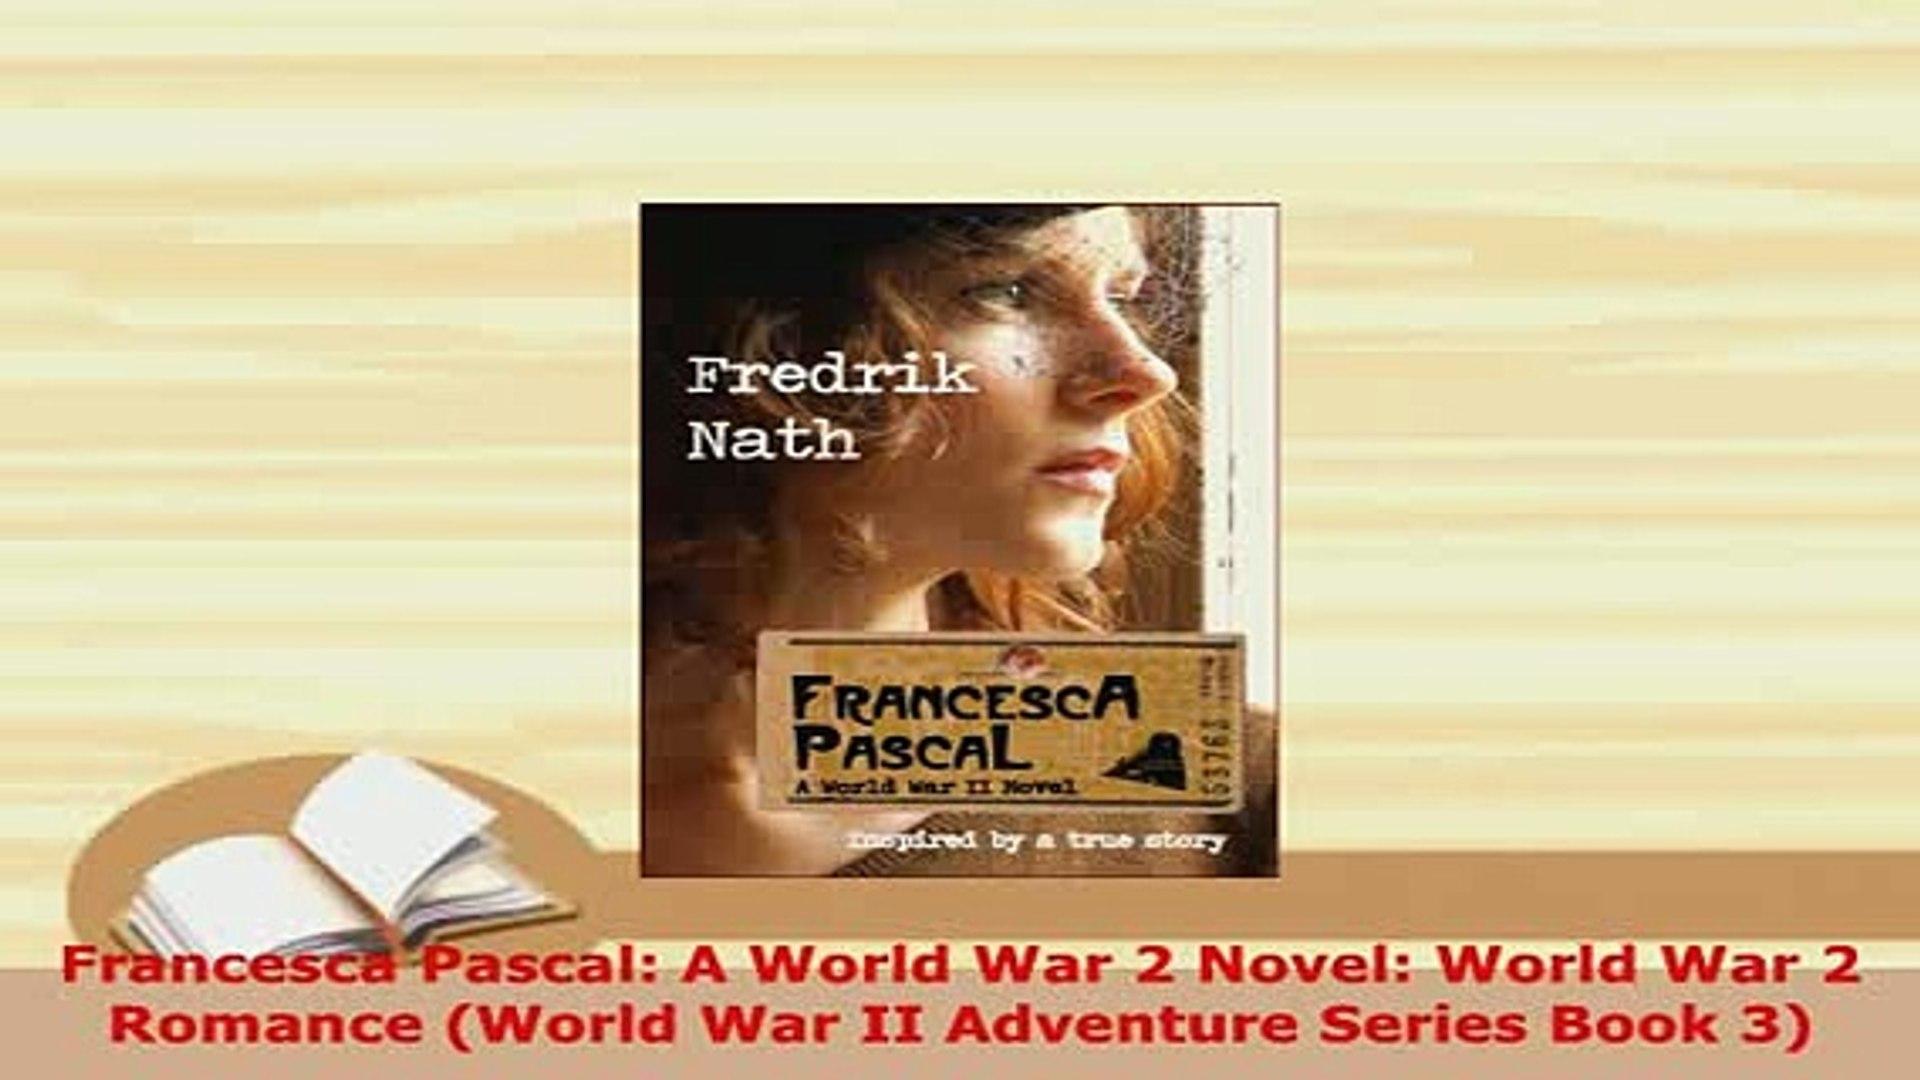 PDF  Francesca Pascal A World War 2 Novel World War 2 Romance World War II Adventure Series  EBook